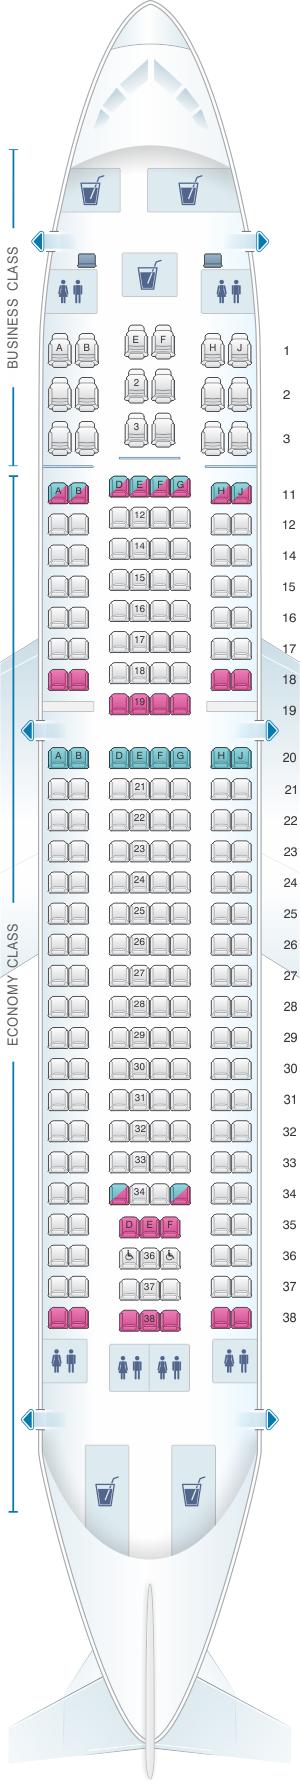 Seat map for SATA Air Açores Airbus A310-300 Config. 2